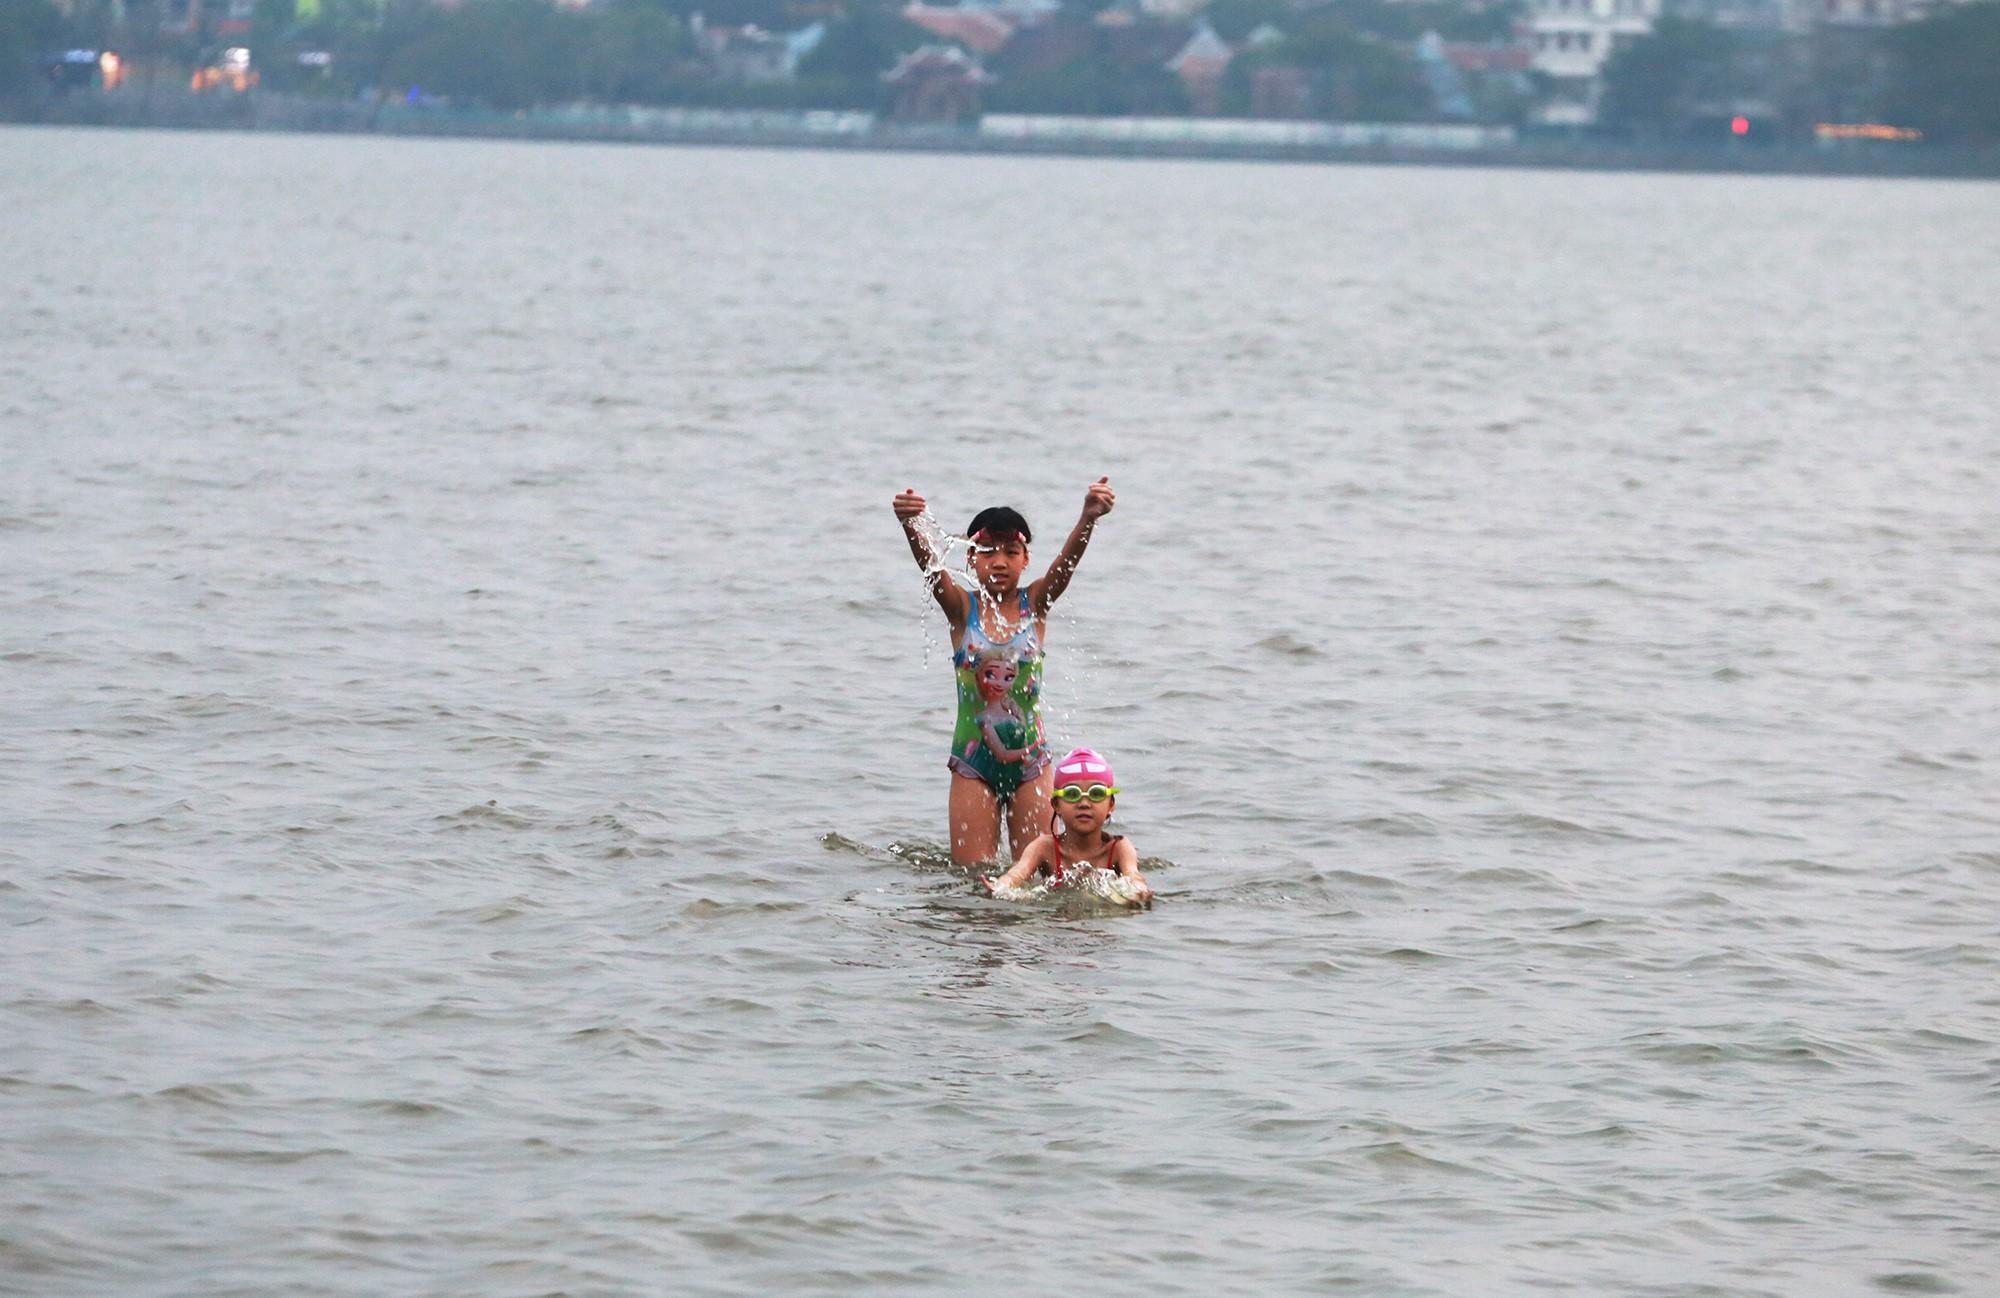 Hà Nội: Người lớn, trẻ nhỏ dắt nhau ra hồ Tây giải nhiệt ngày nắng nóng - Ảnh 12.